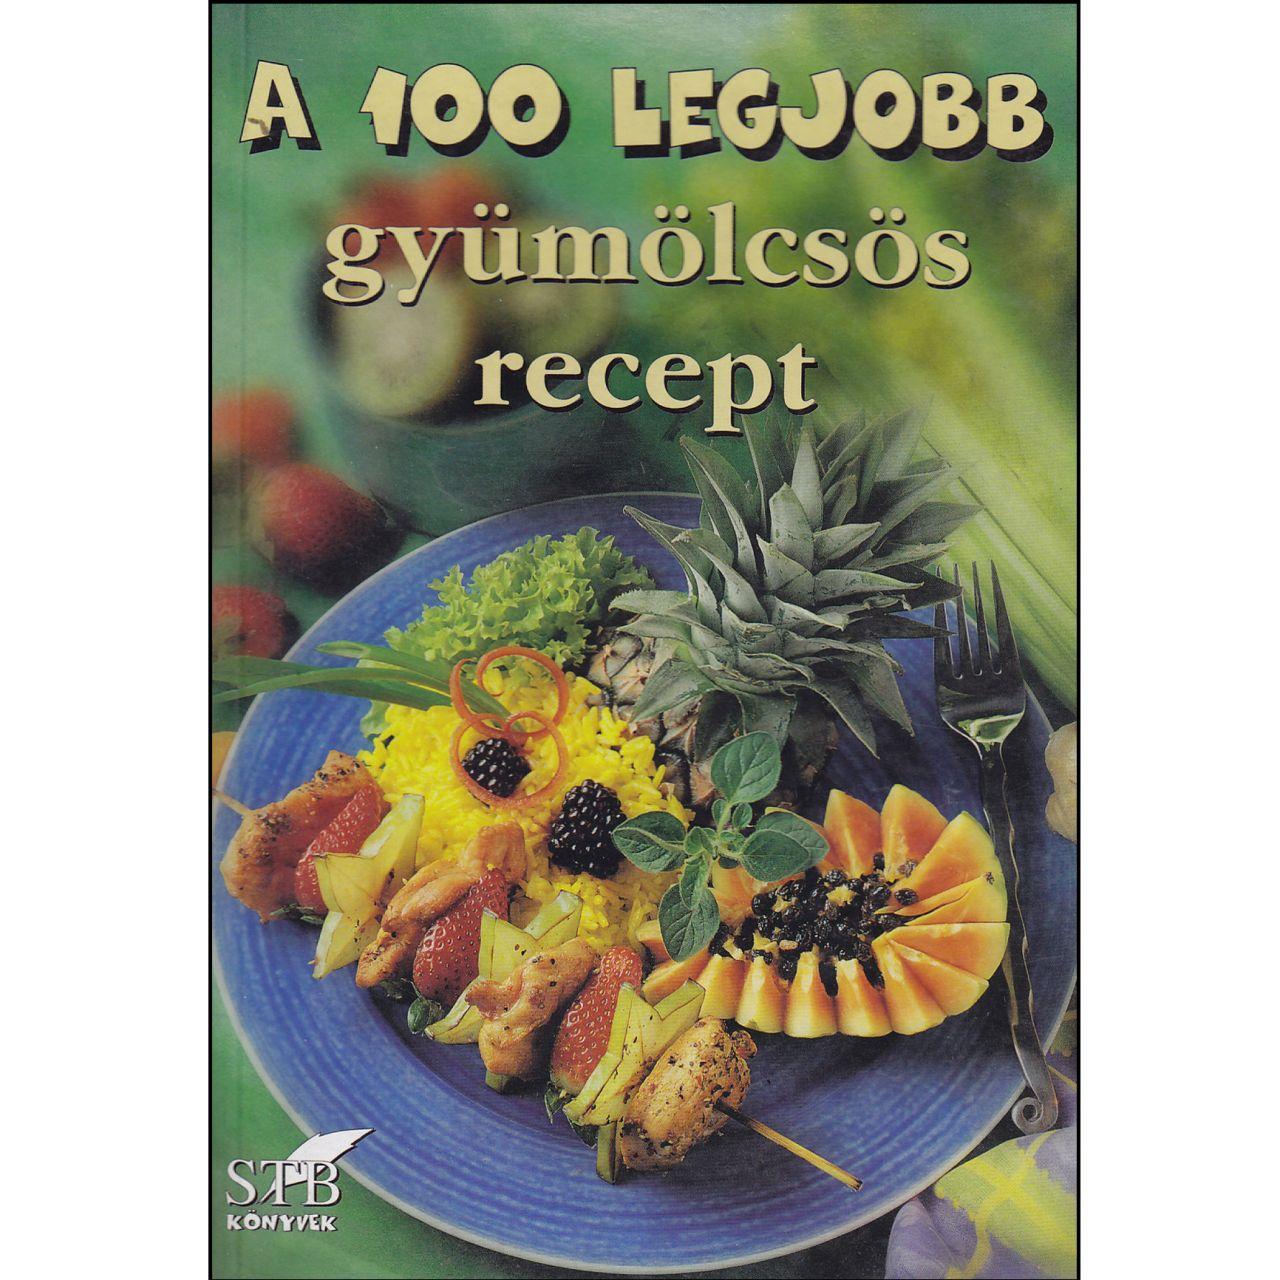 A 100 legjobb gyümölcsös recept (könyv)